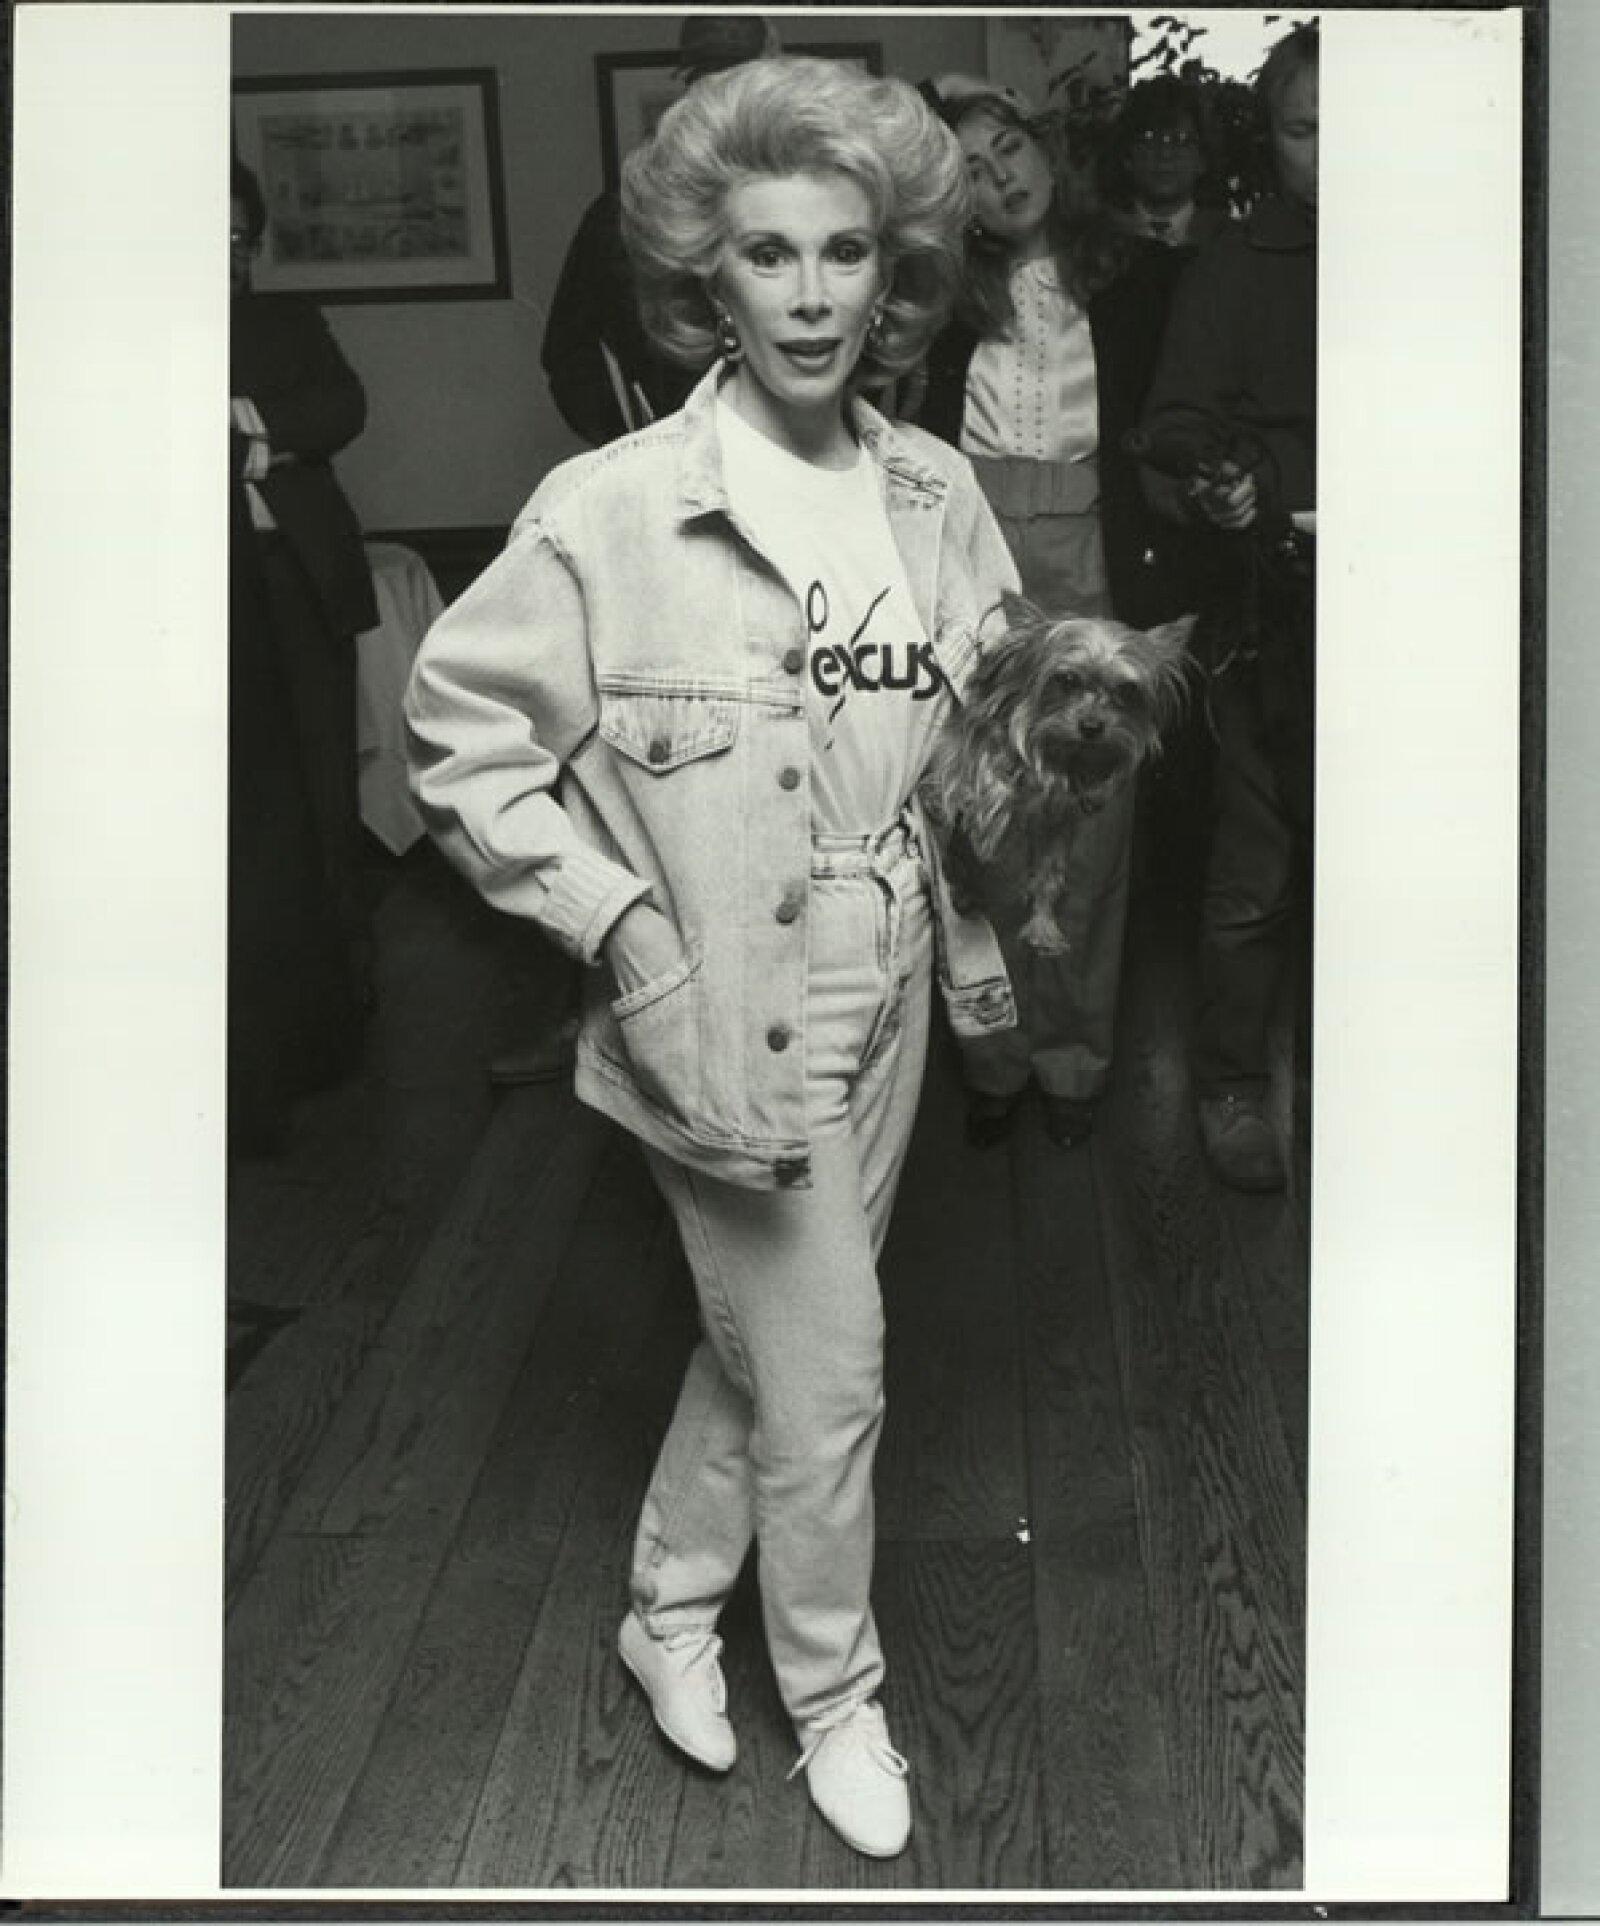 Joan Rivers ahora crítica de la moda, muy en onda en la década de los 90.